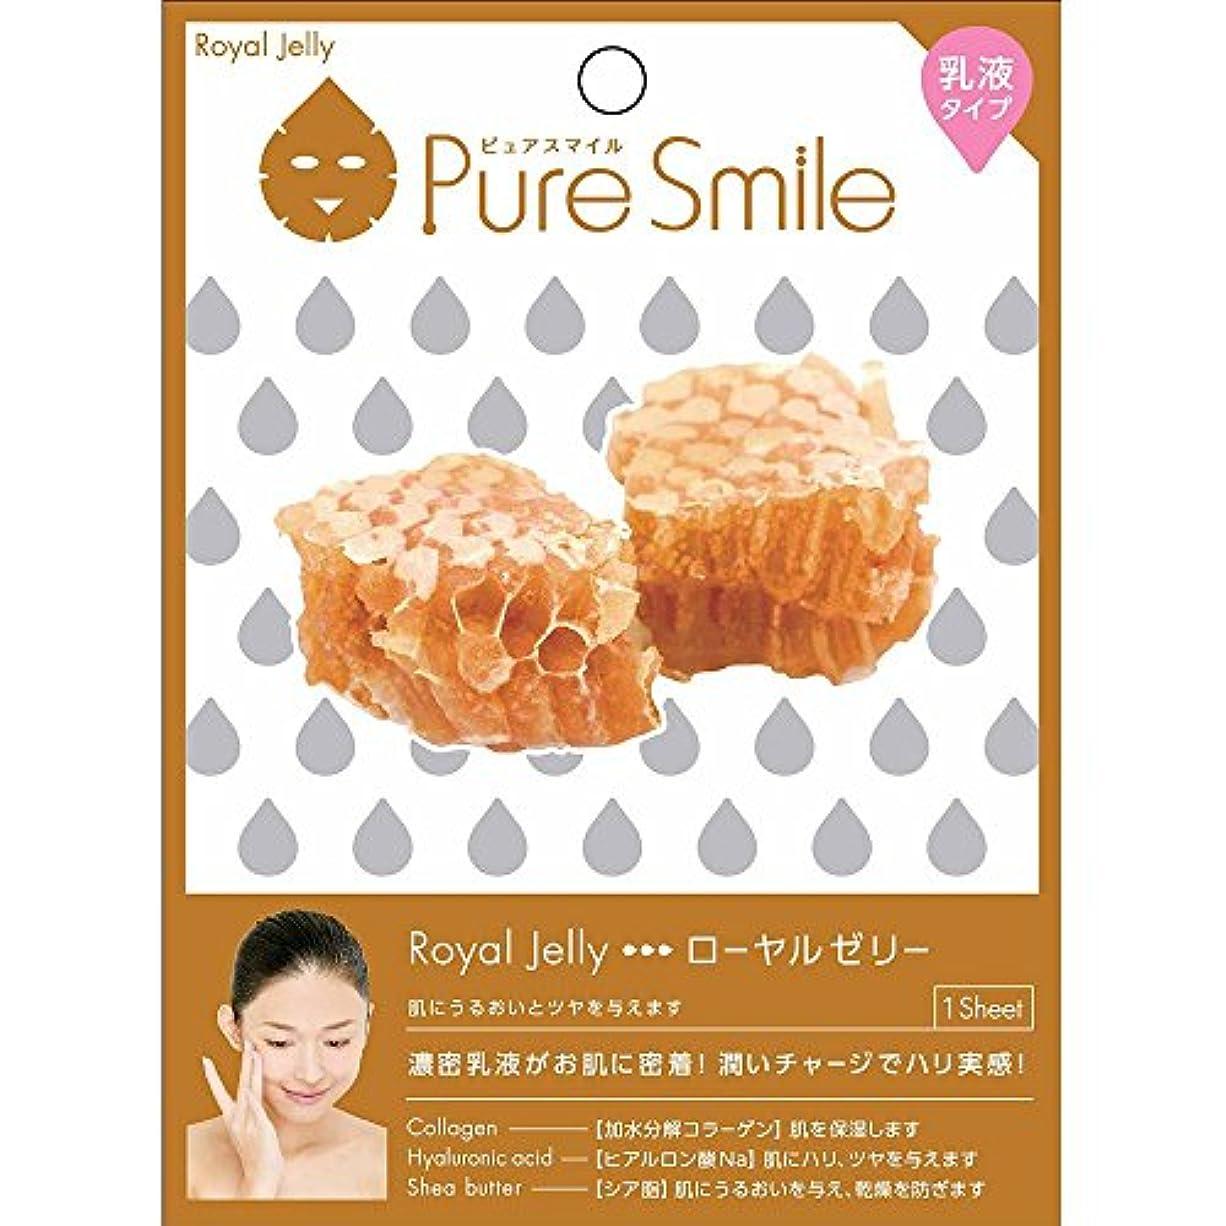 円形の招待派生するPure Smile(ピュアスマイル) 乳液エッセンスマスク 1 枚 ローヤルゼリー